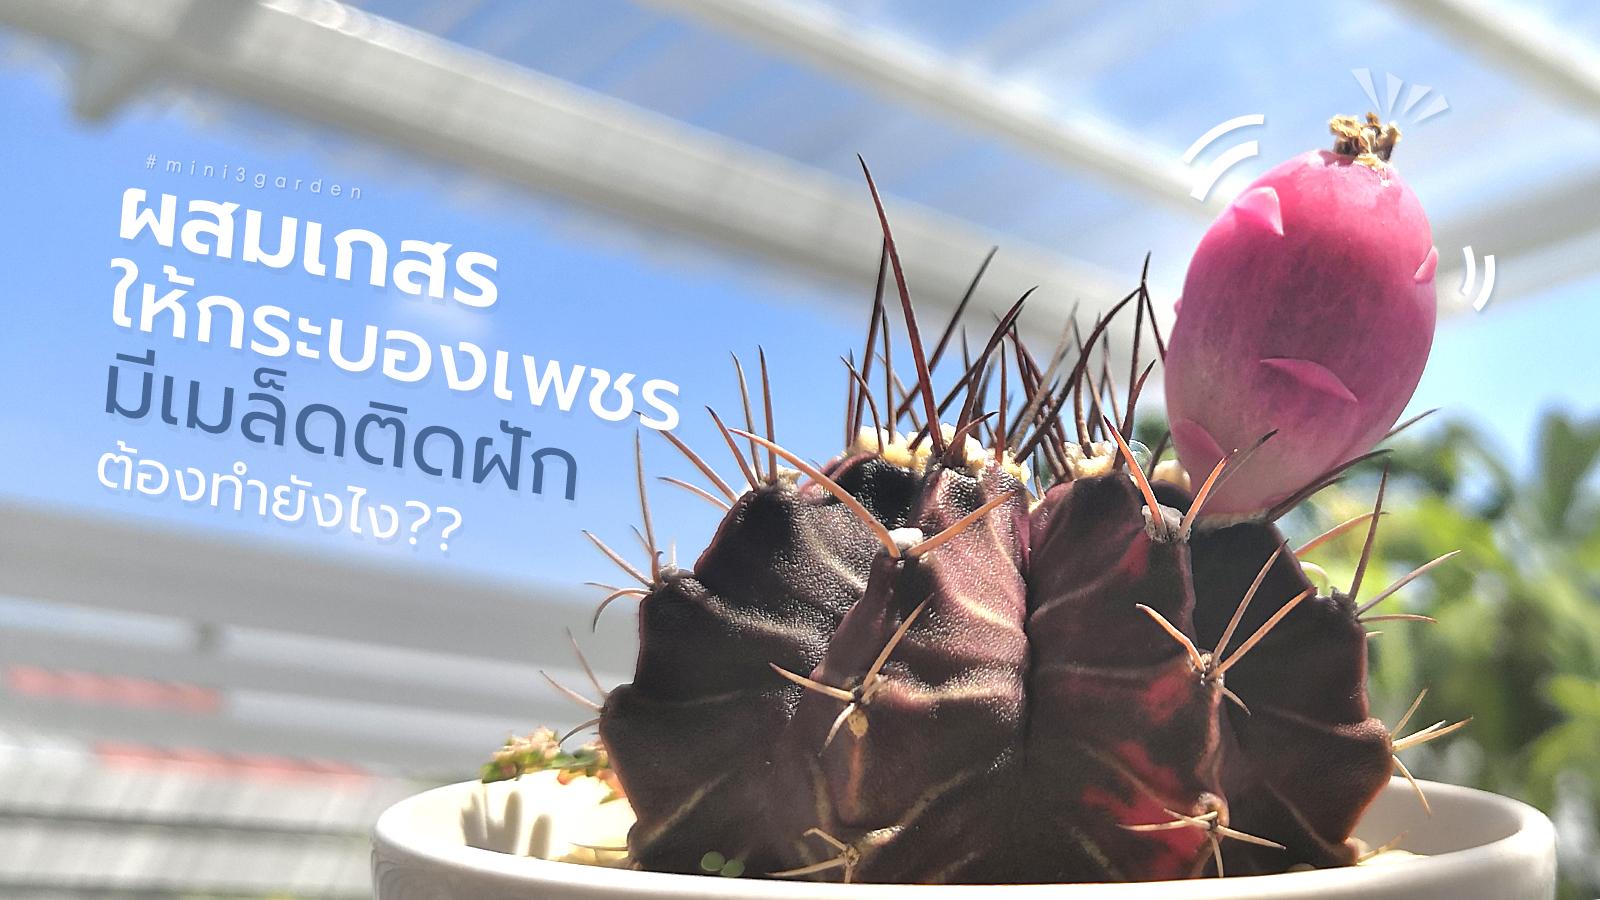 How_to_cactus_breeding